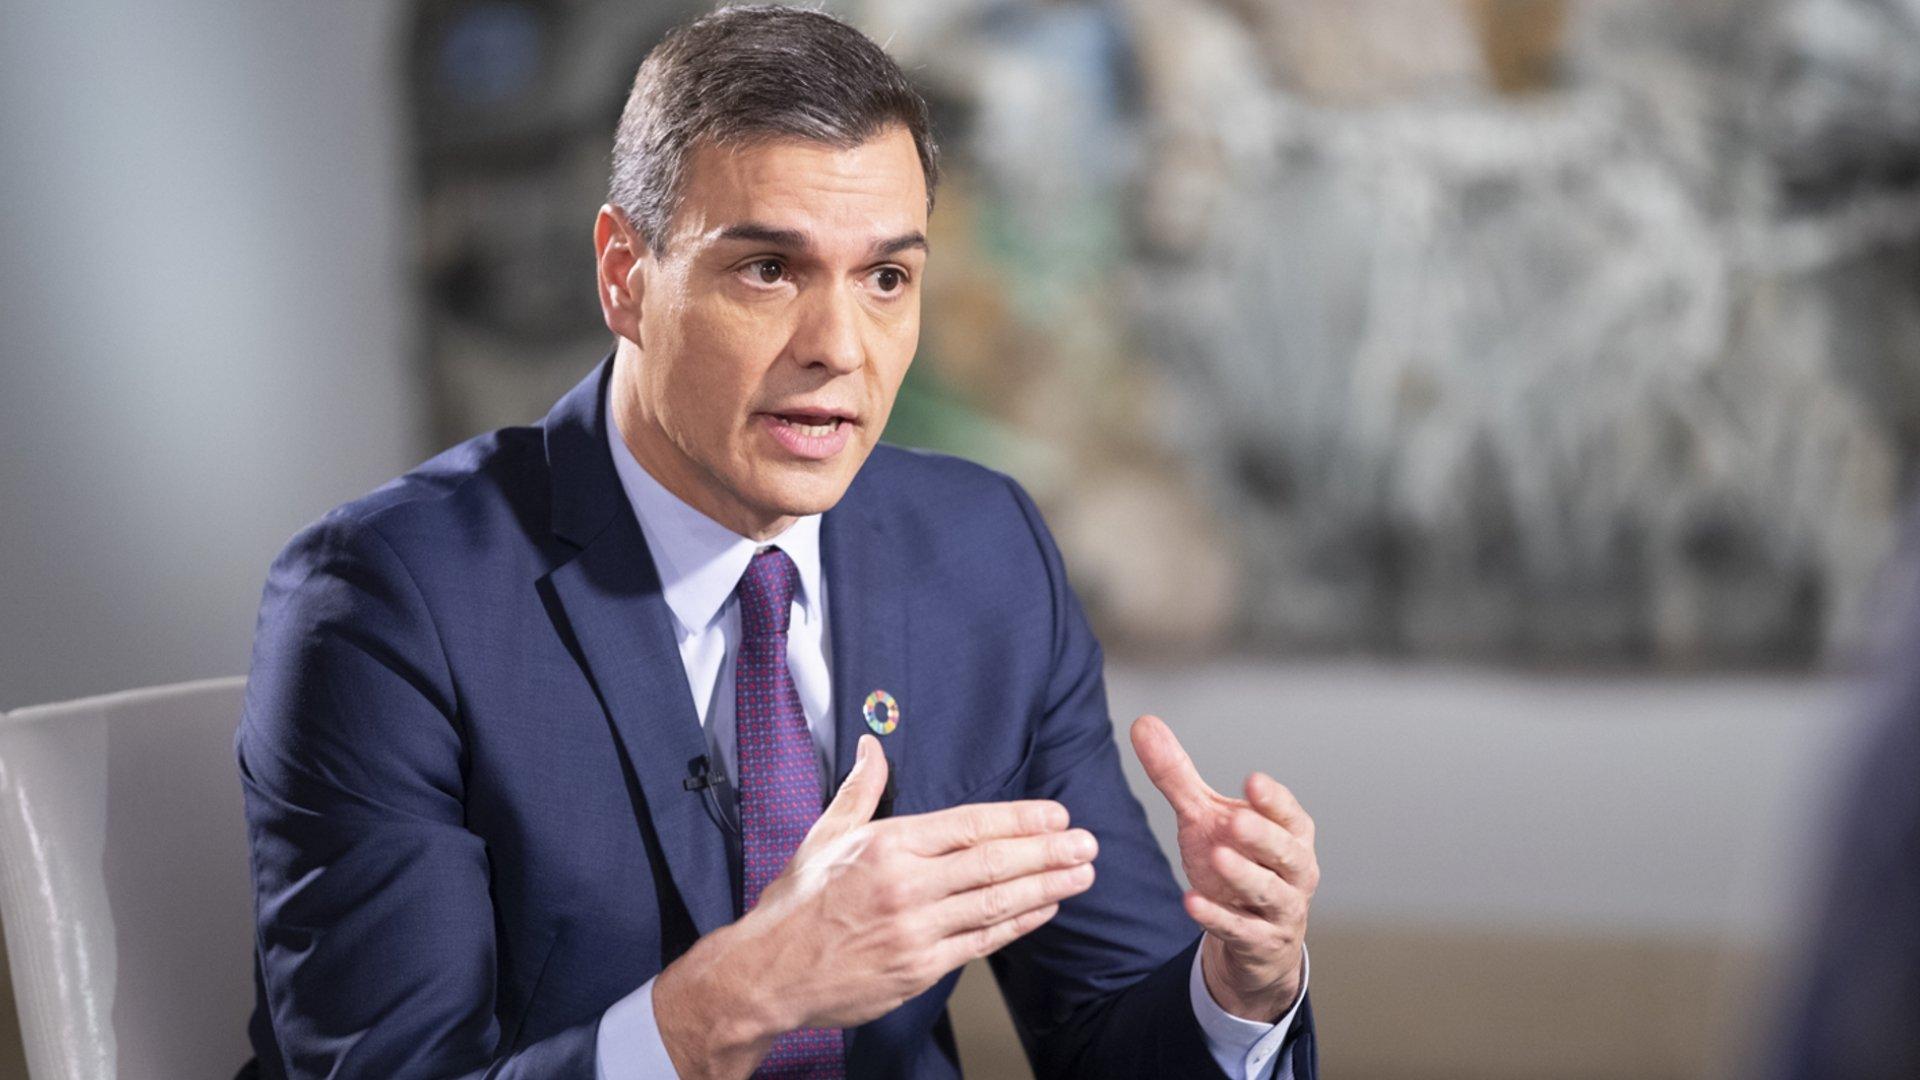 Pedro Sánchez sobreactúa más que habla.